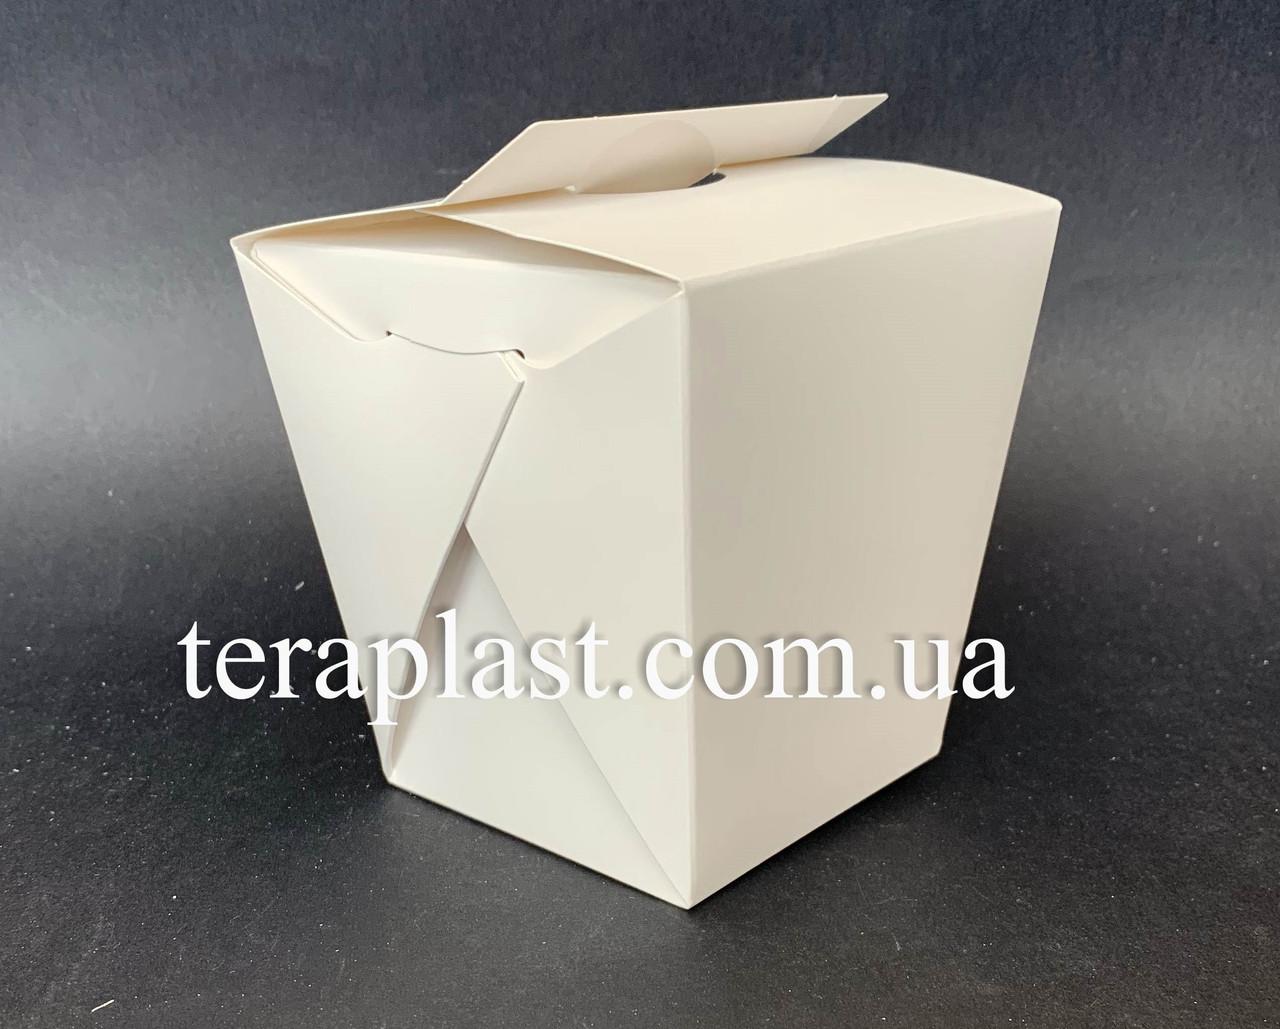 """Коробка для лапши и салатов (Паста Бокс) """"Миди"""" 400 мл (Белая)"""